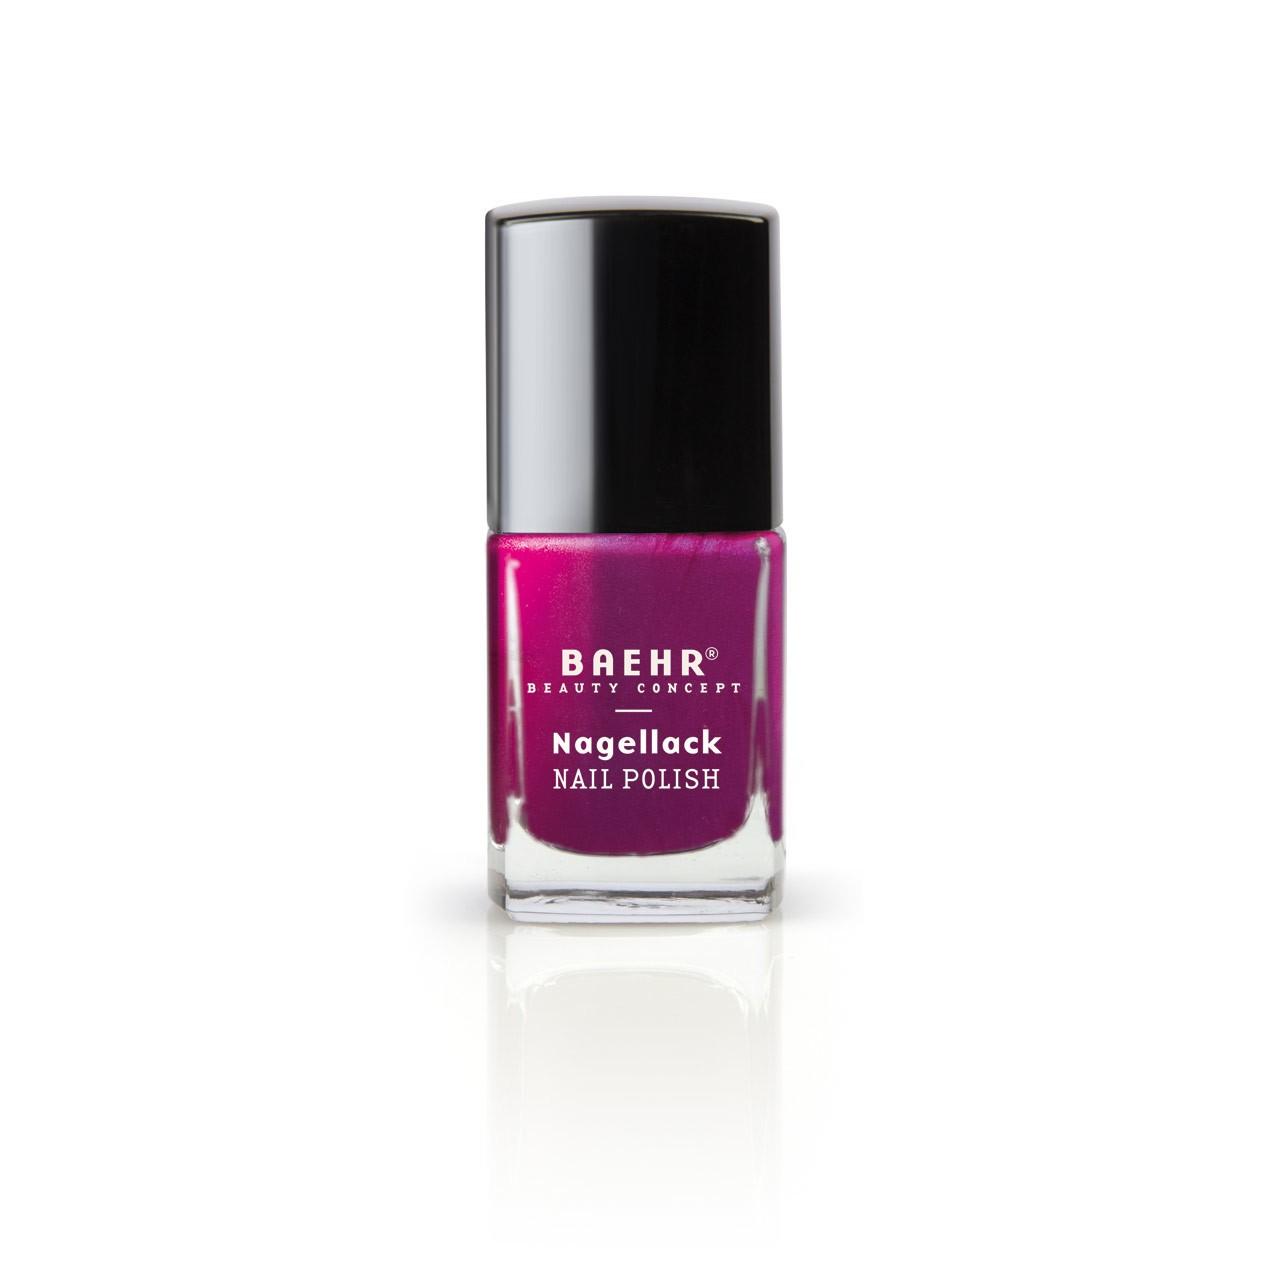 BAEHR-Nagellack-Purple-Passion-Metallic-beispiel-1_0000025433.jpg